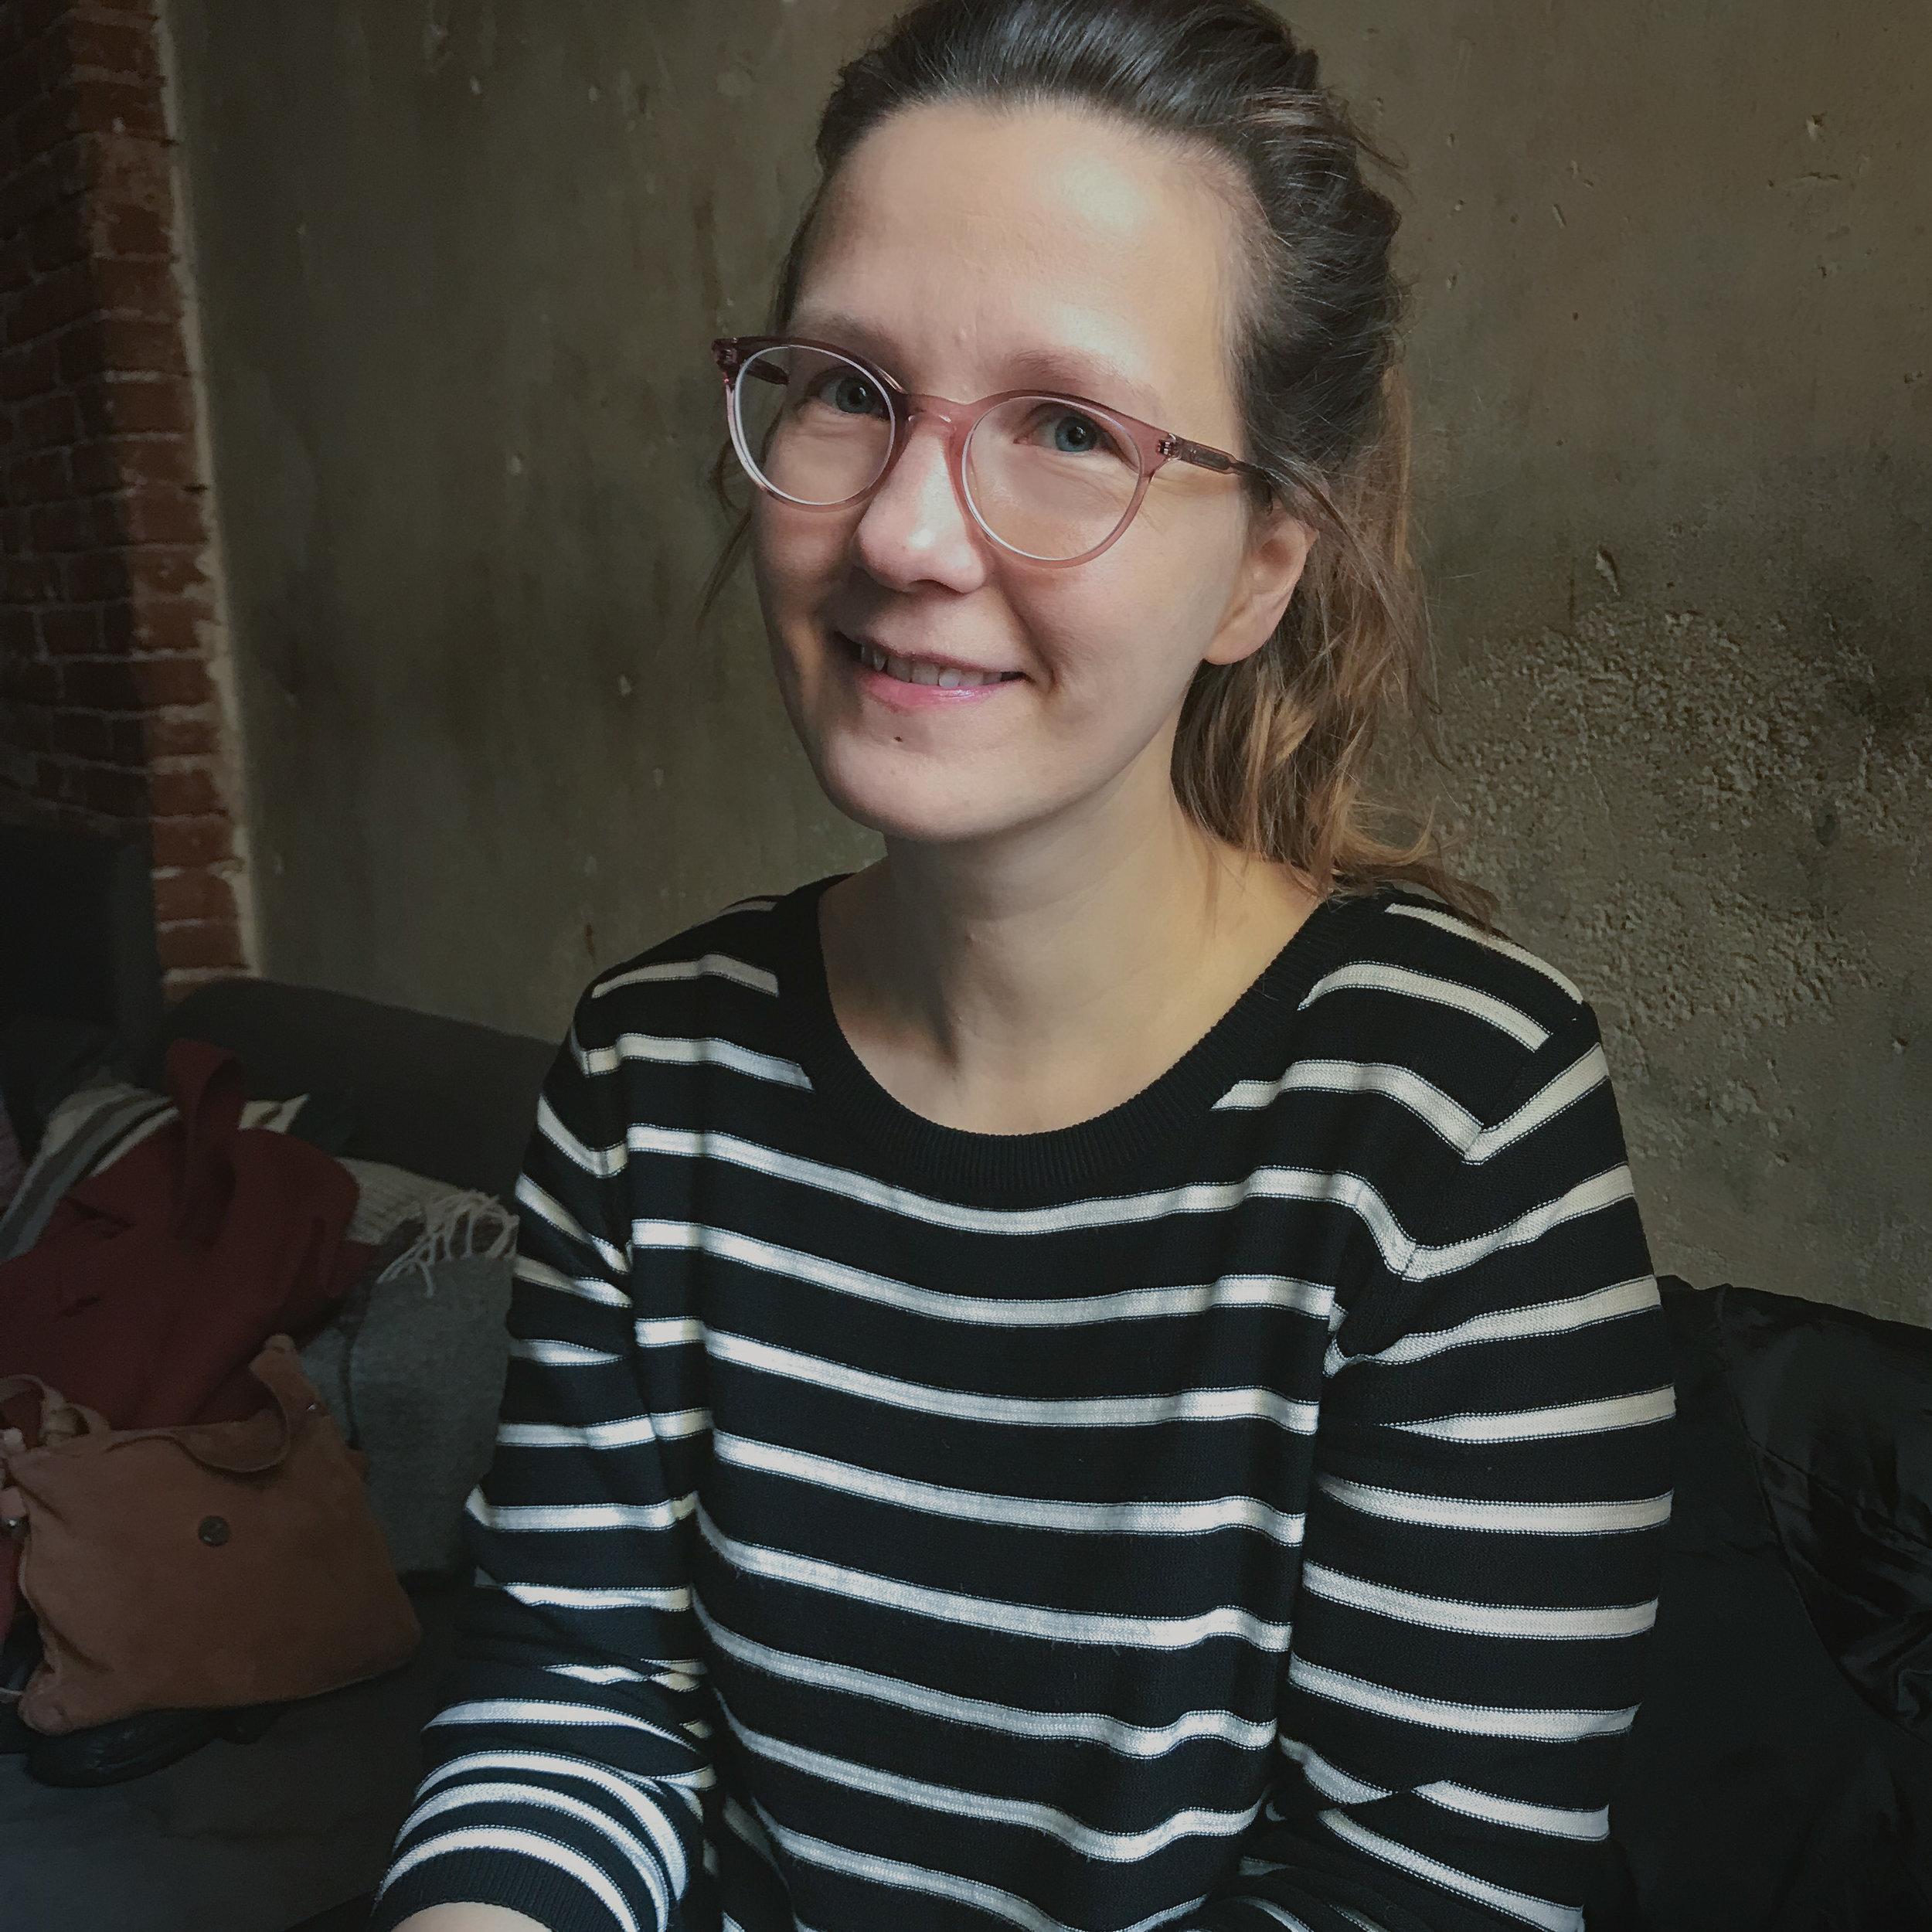 """Mirjam Kilter - Hamburg""""Mindful Blogging bedeutet für mich, mit offenen Augen und offenem Herzen durch die Welt zu gehen, um die schönen Dinge wahrzunehmen und authentisch in einem Bild einzufangen.""""Freesendeern"""